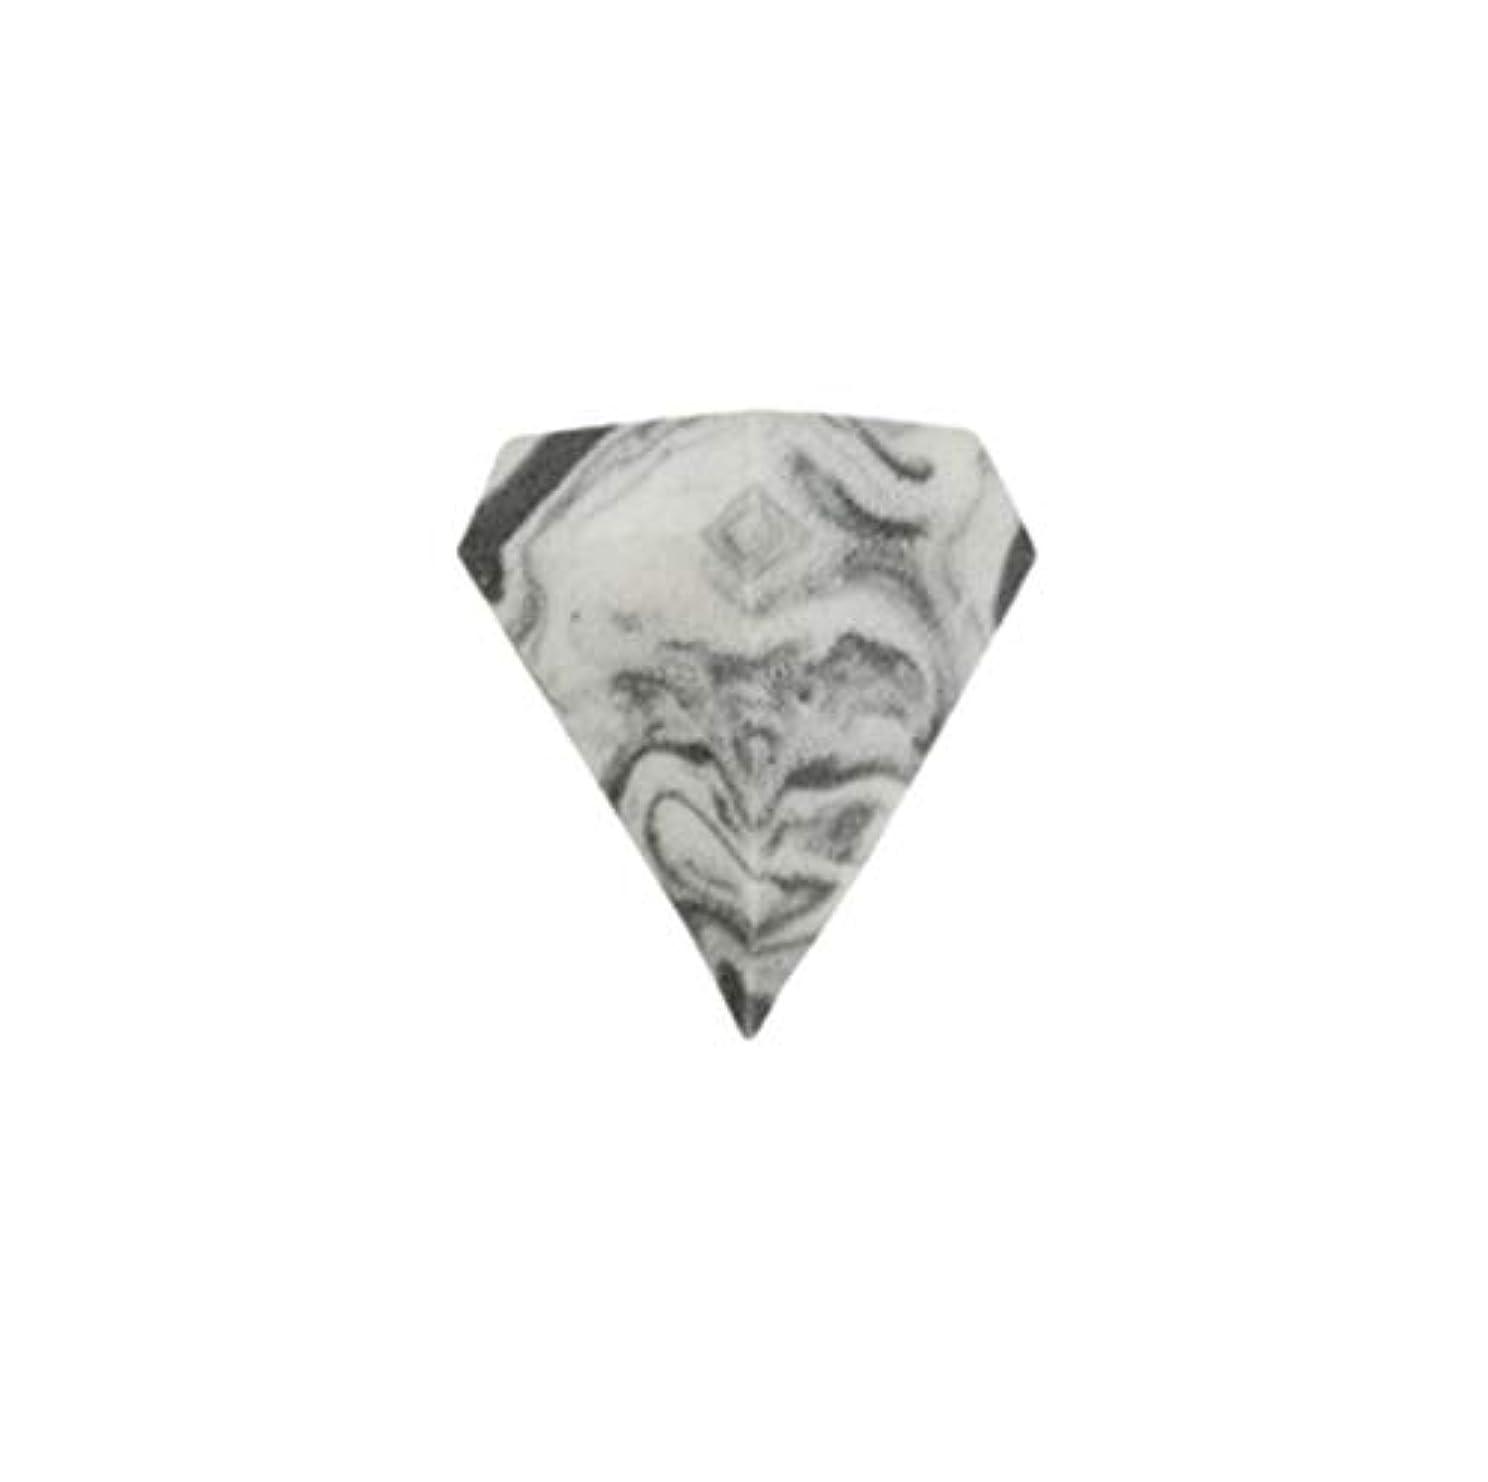 ケーブル降臨無秩序美のスポンジ、柔らかいダイヤモンド形の構造の混合物の基礎スポンジ